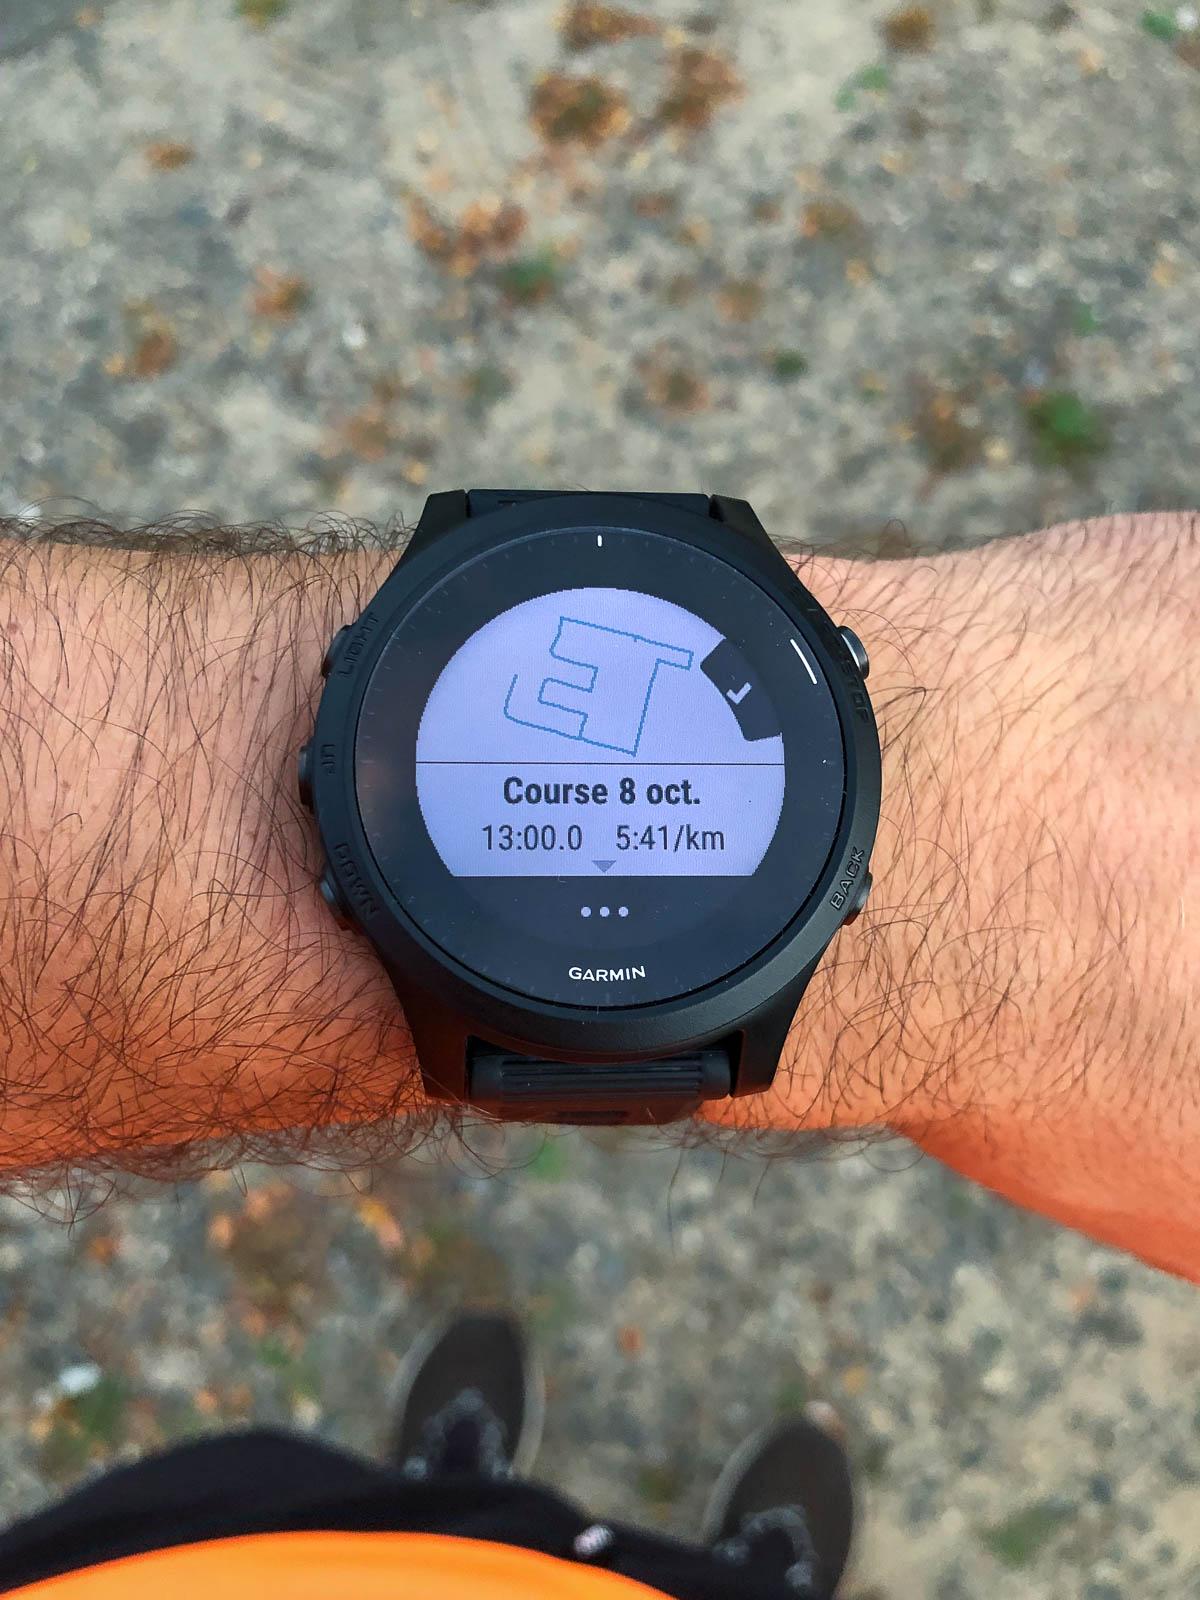 Et voici le plan PacePro tout fraichement créé à partir d'un itinéraire lui aussi généré aléatoirement depuis la montre.